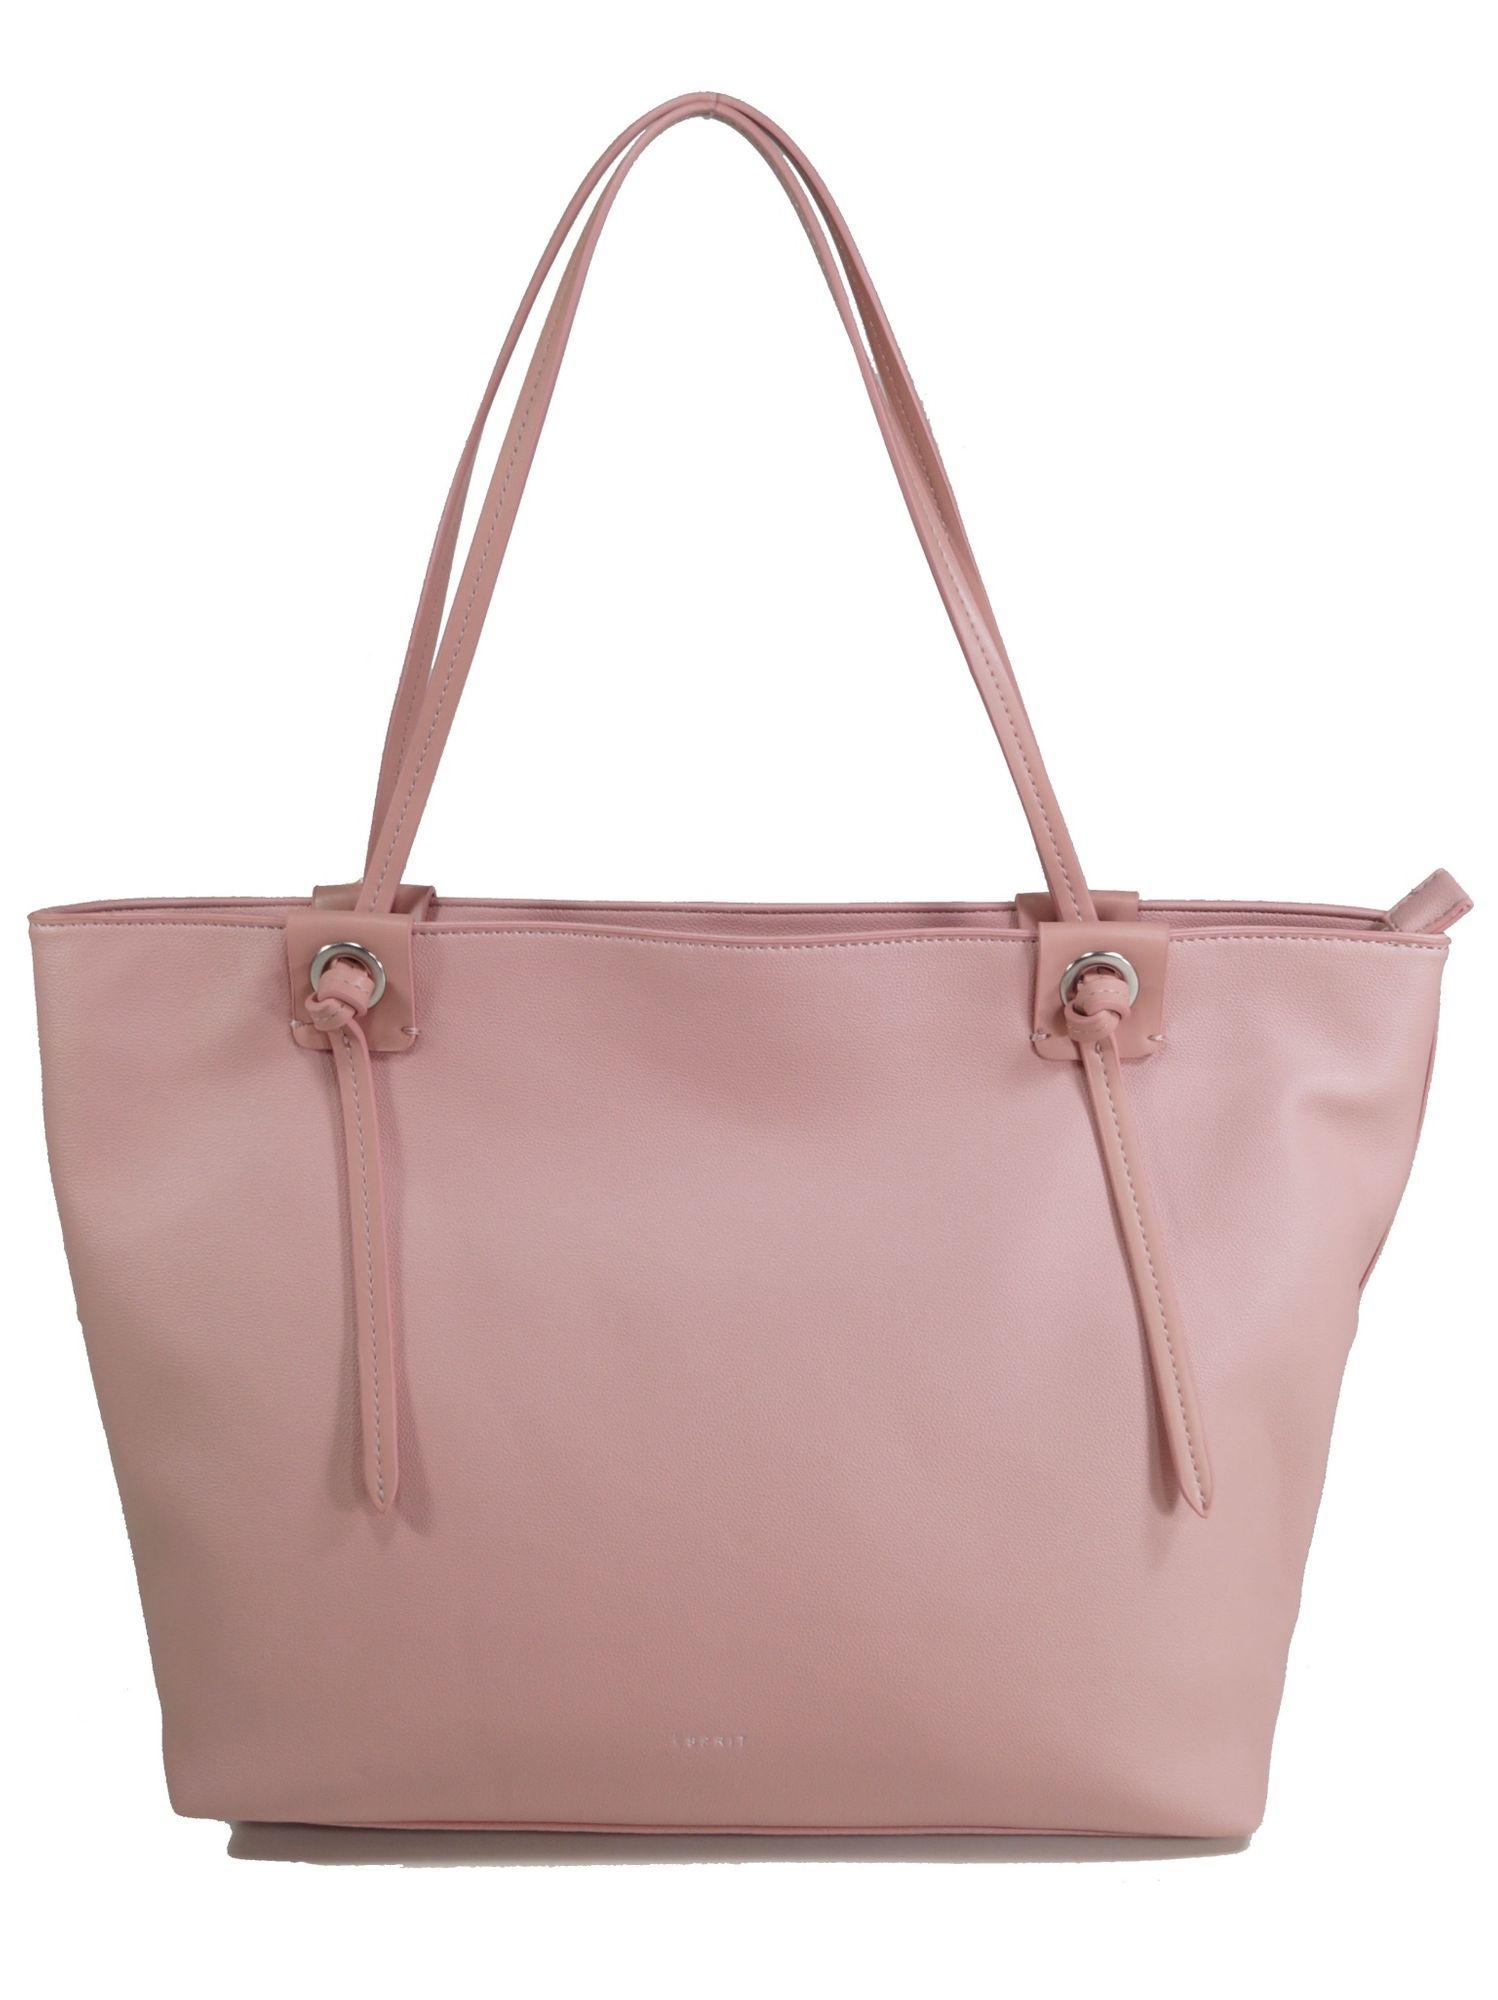 796aaa8804310 Esprit Damen Handtasche Tasche Henkeltasche Coco Shopper Rosa ...